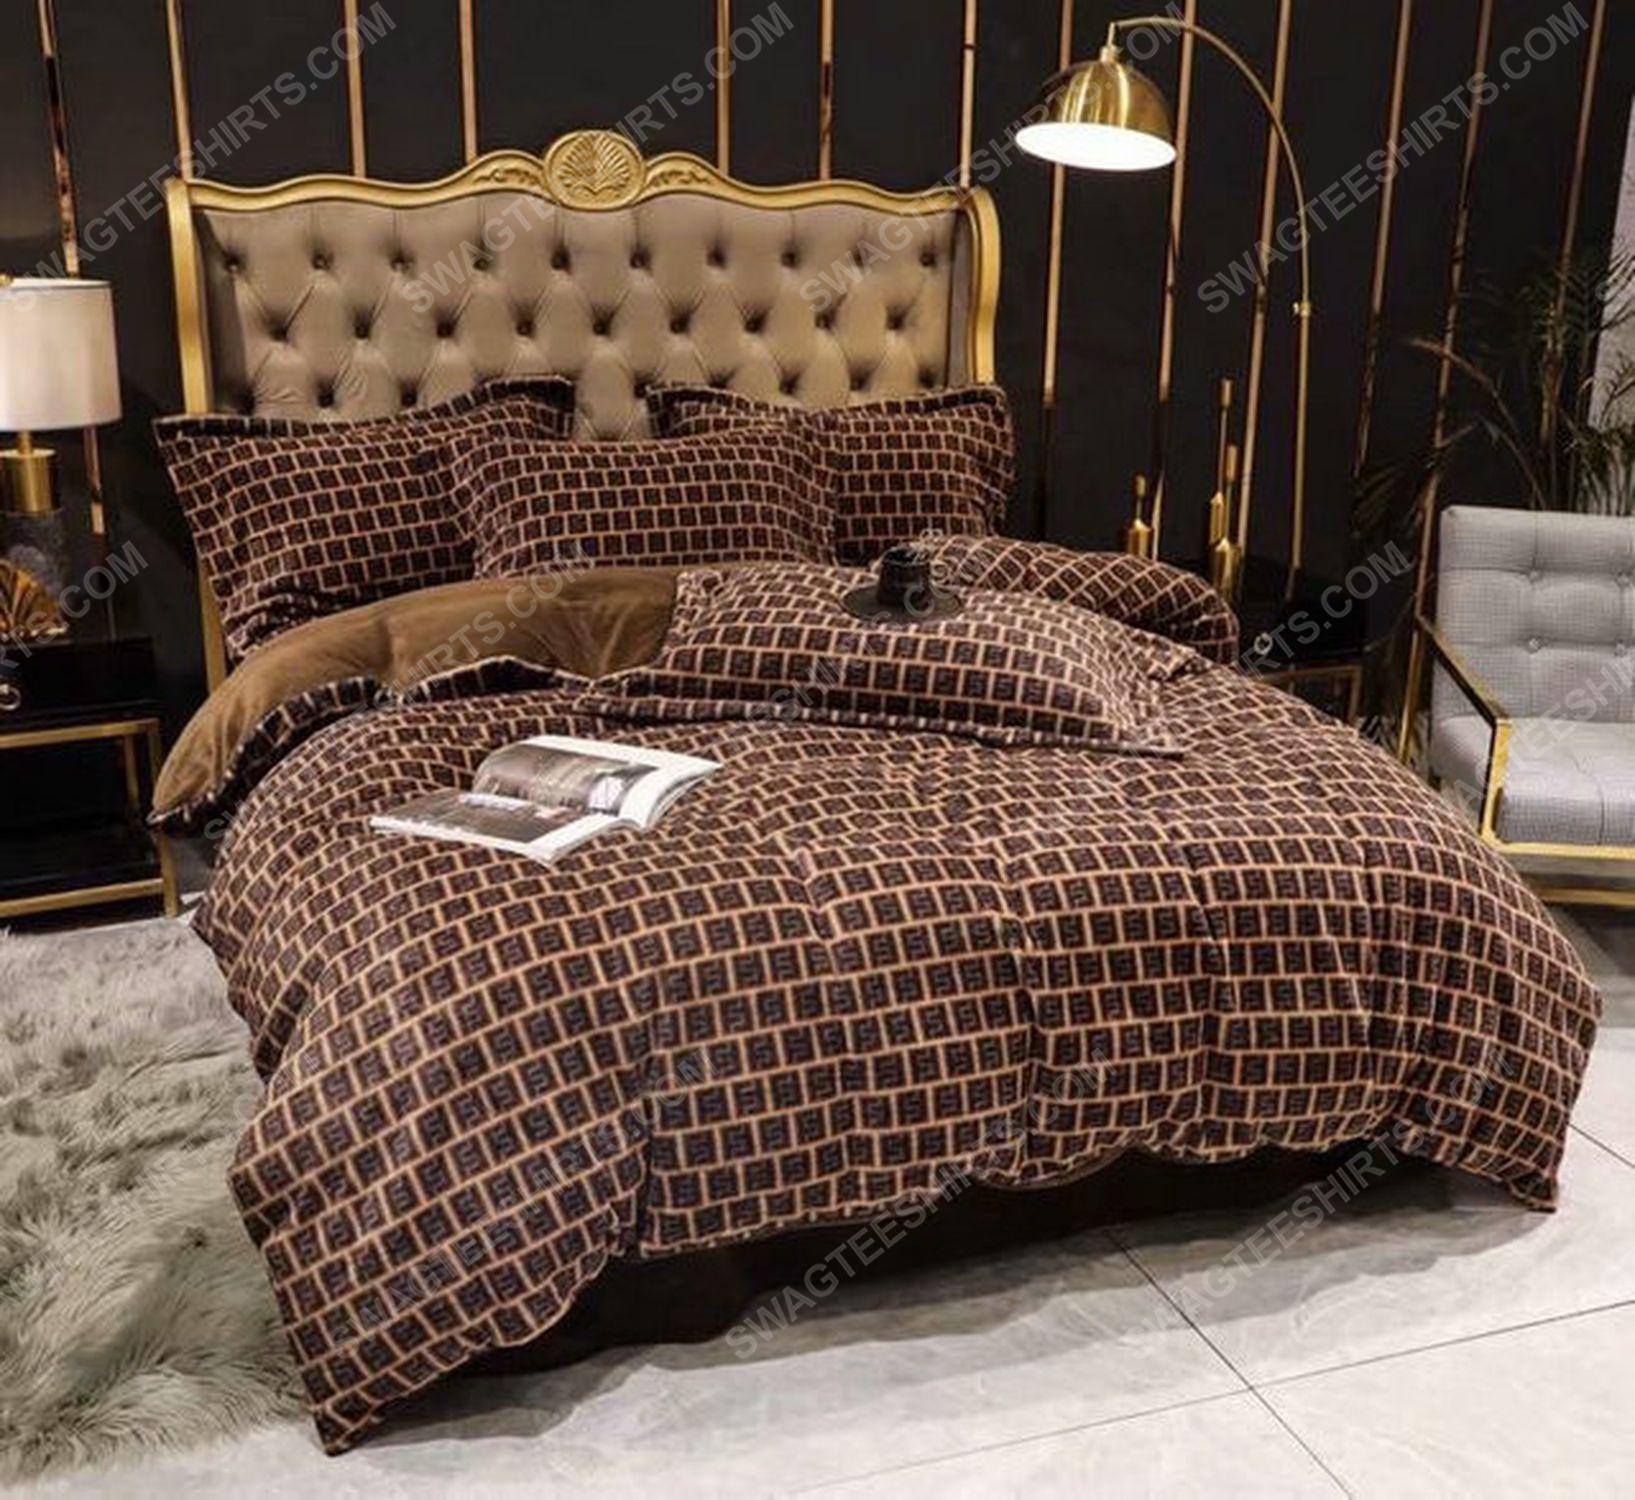 Fendi monogram symbols full print duvet cover bedding set 3